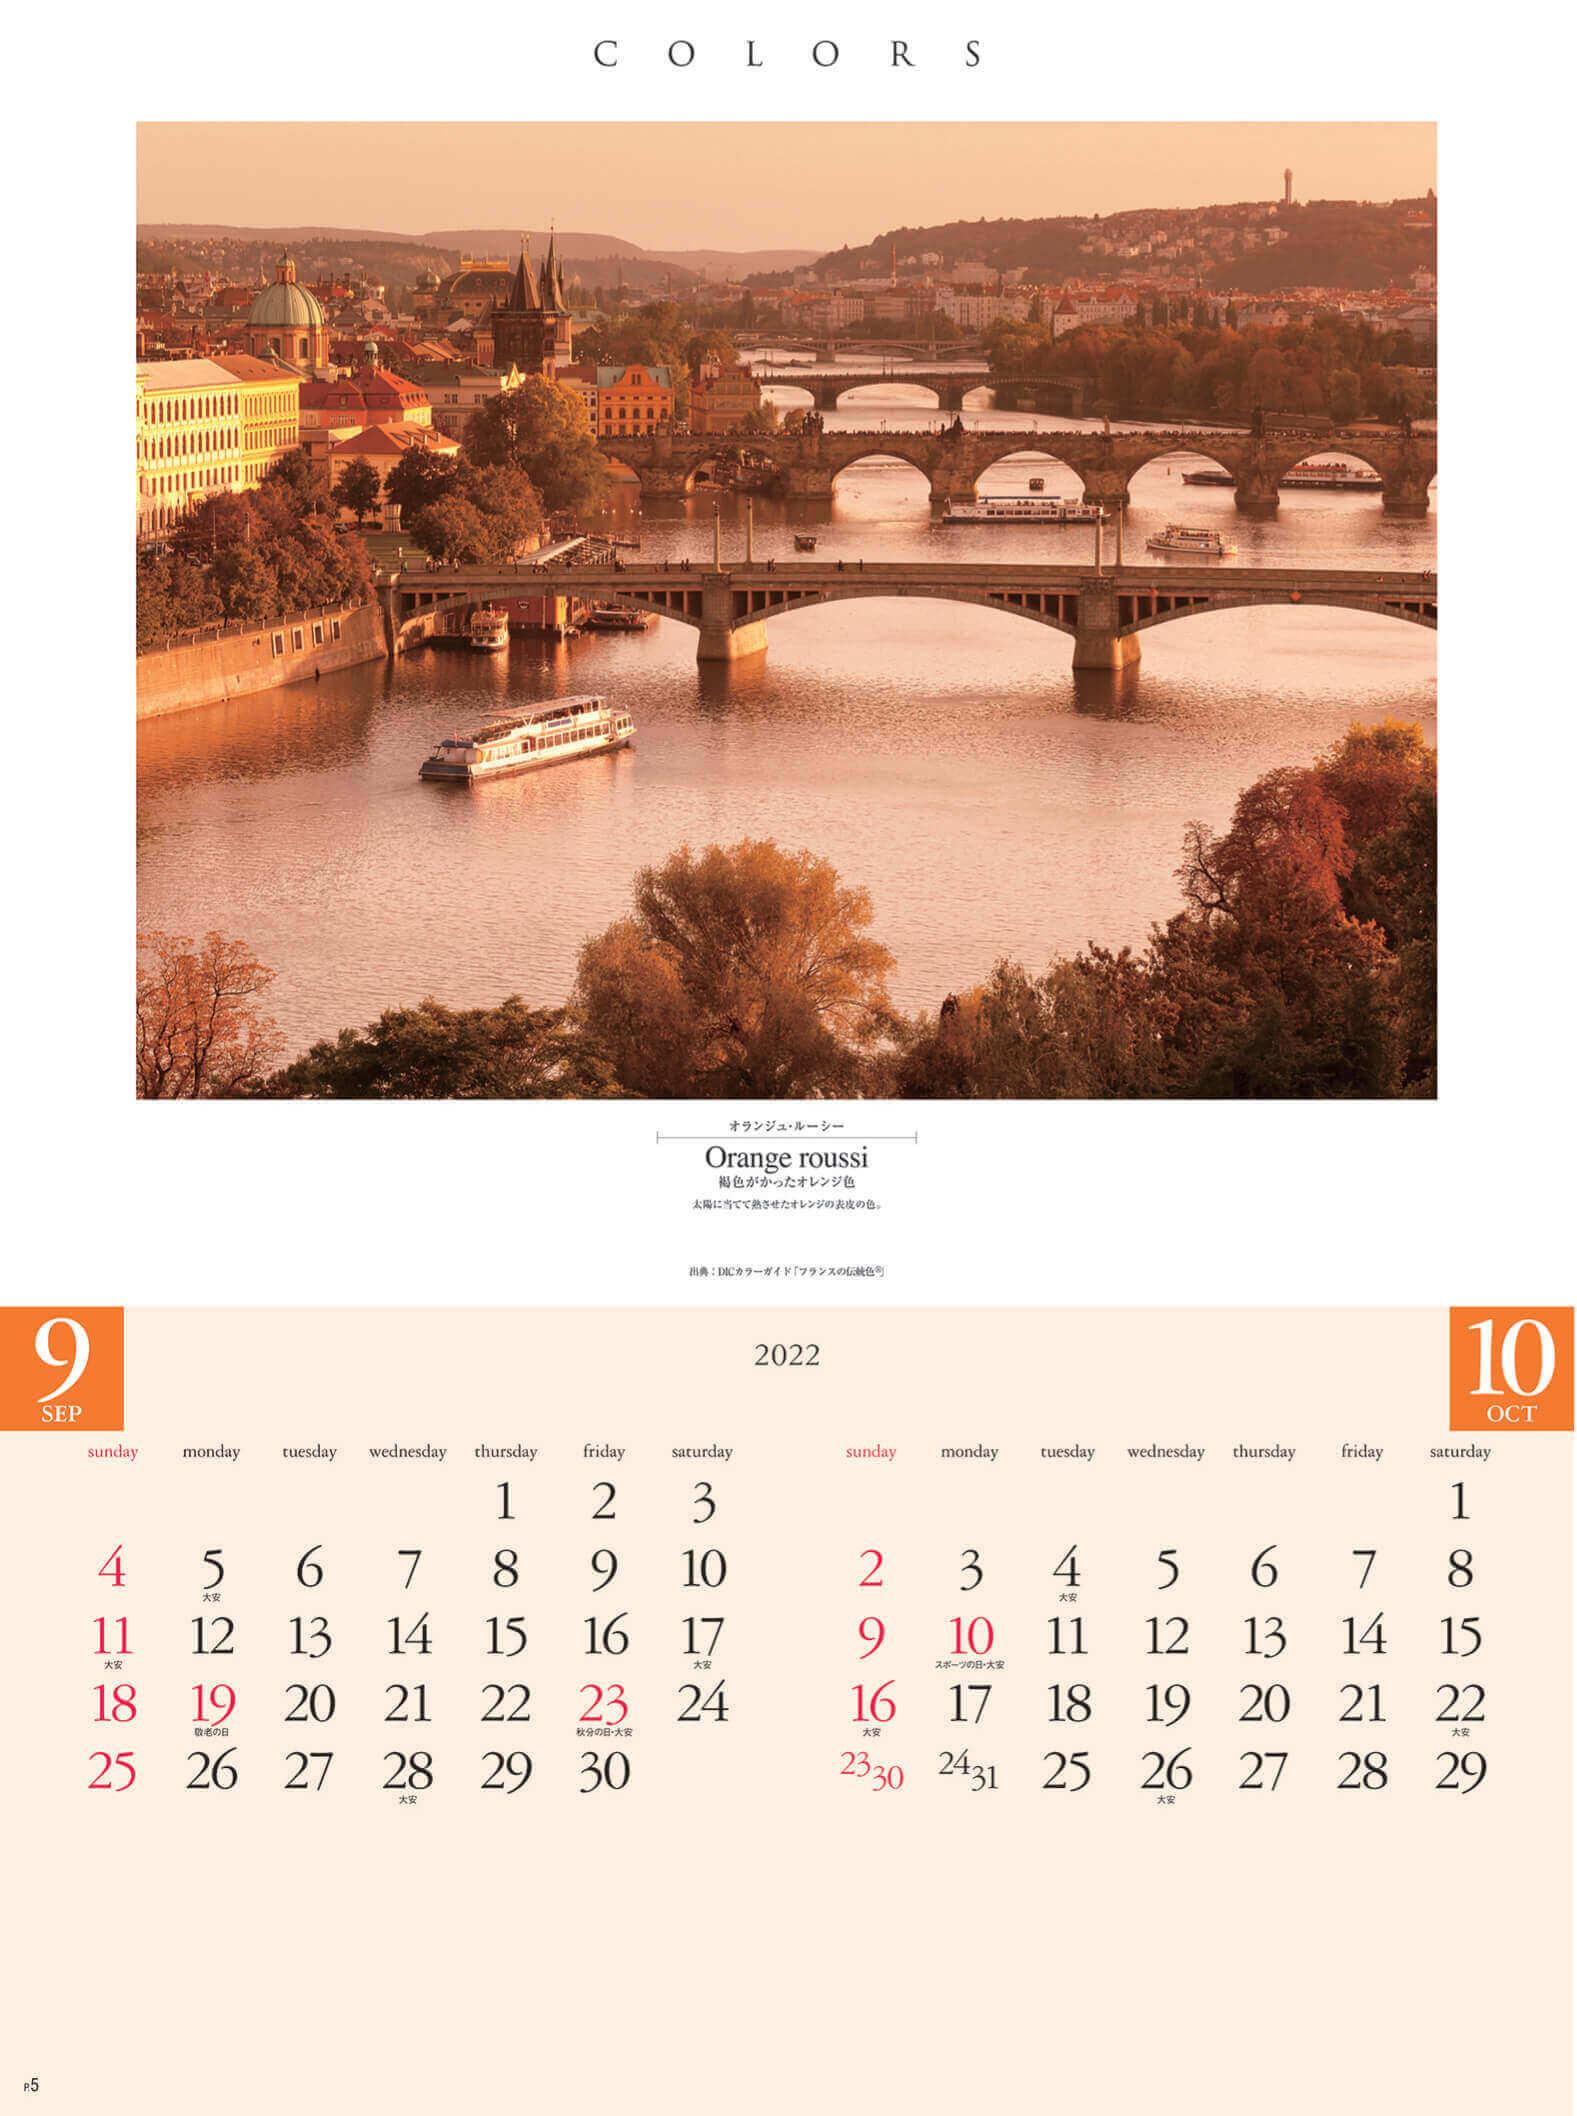 カラーズ 2022年カレンダーの画像